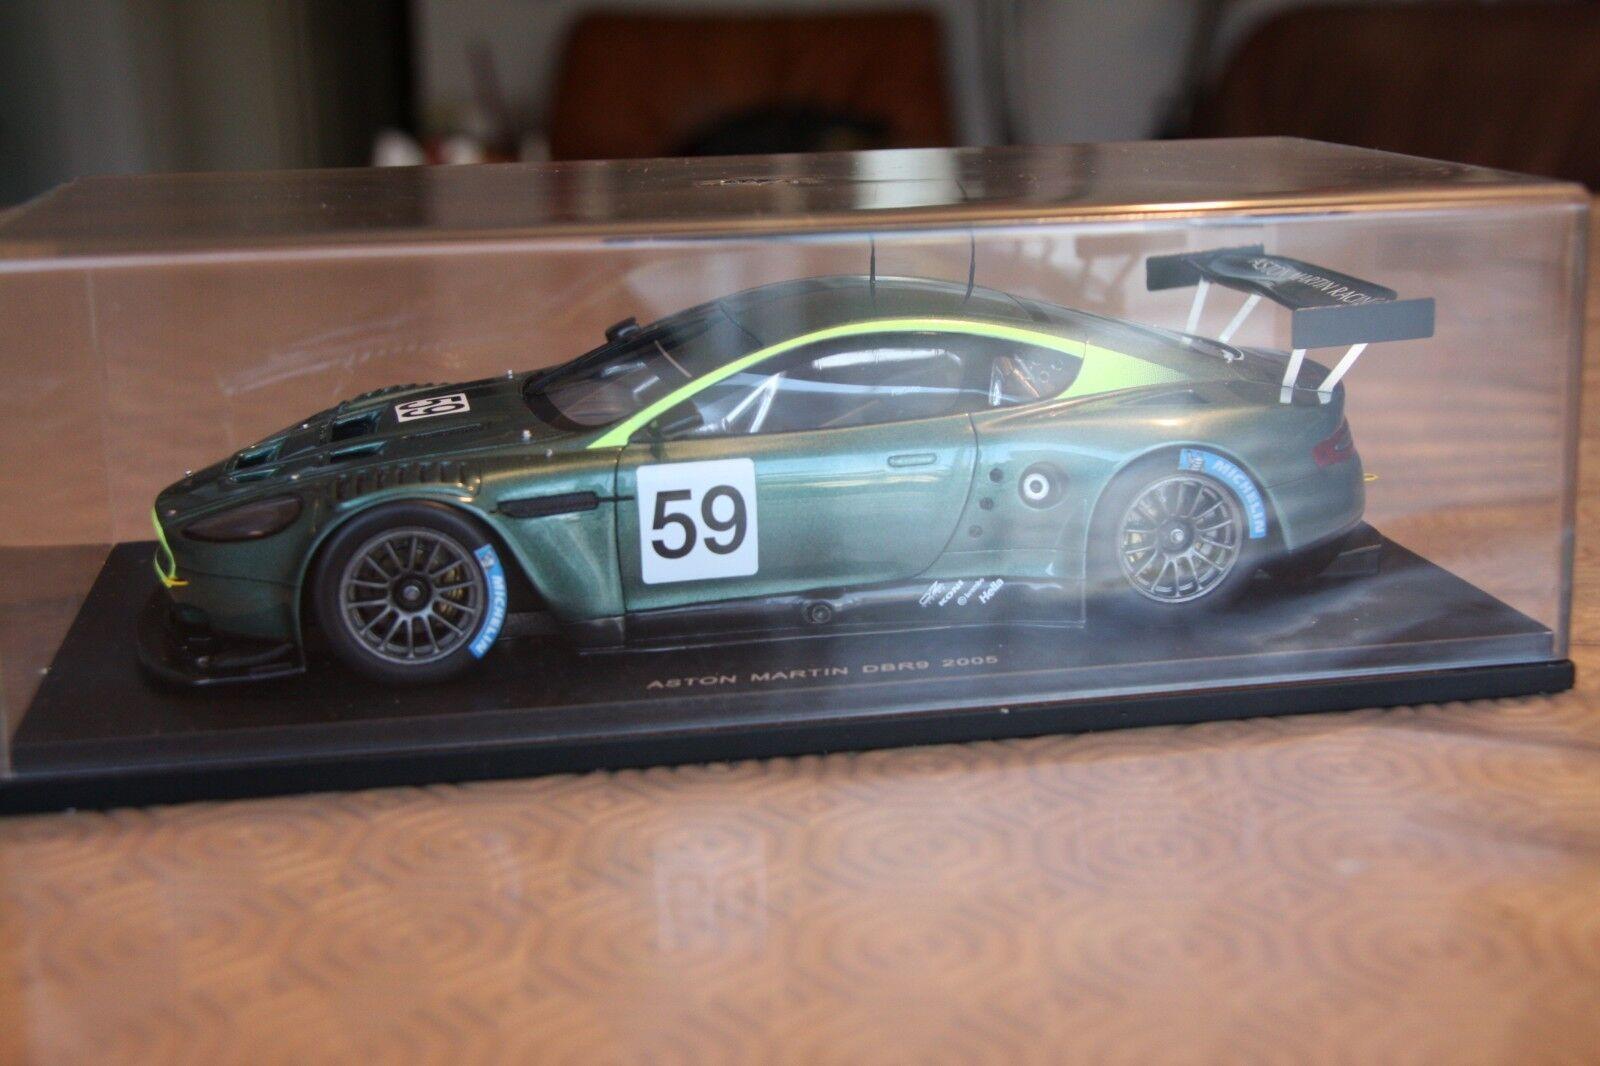 ventas en linea Aston Martin DBR9 présentation 2005 2005 2005 diecast 1 24 Spark  precios al por mayor